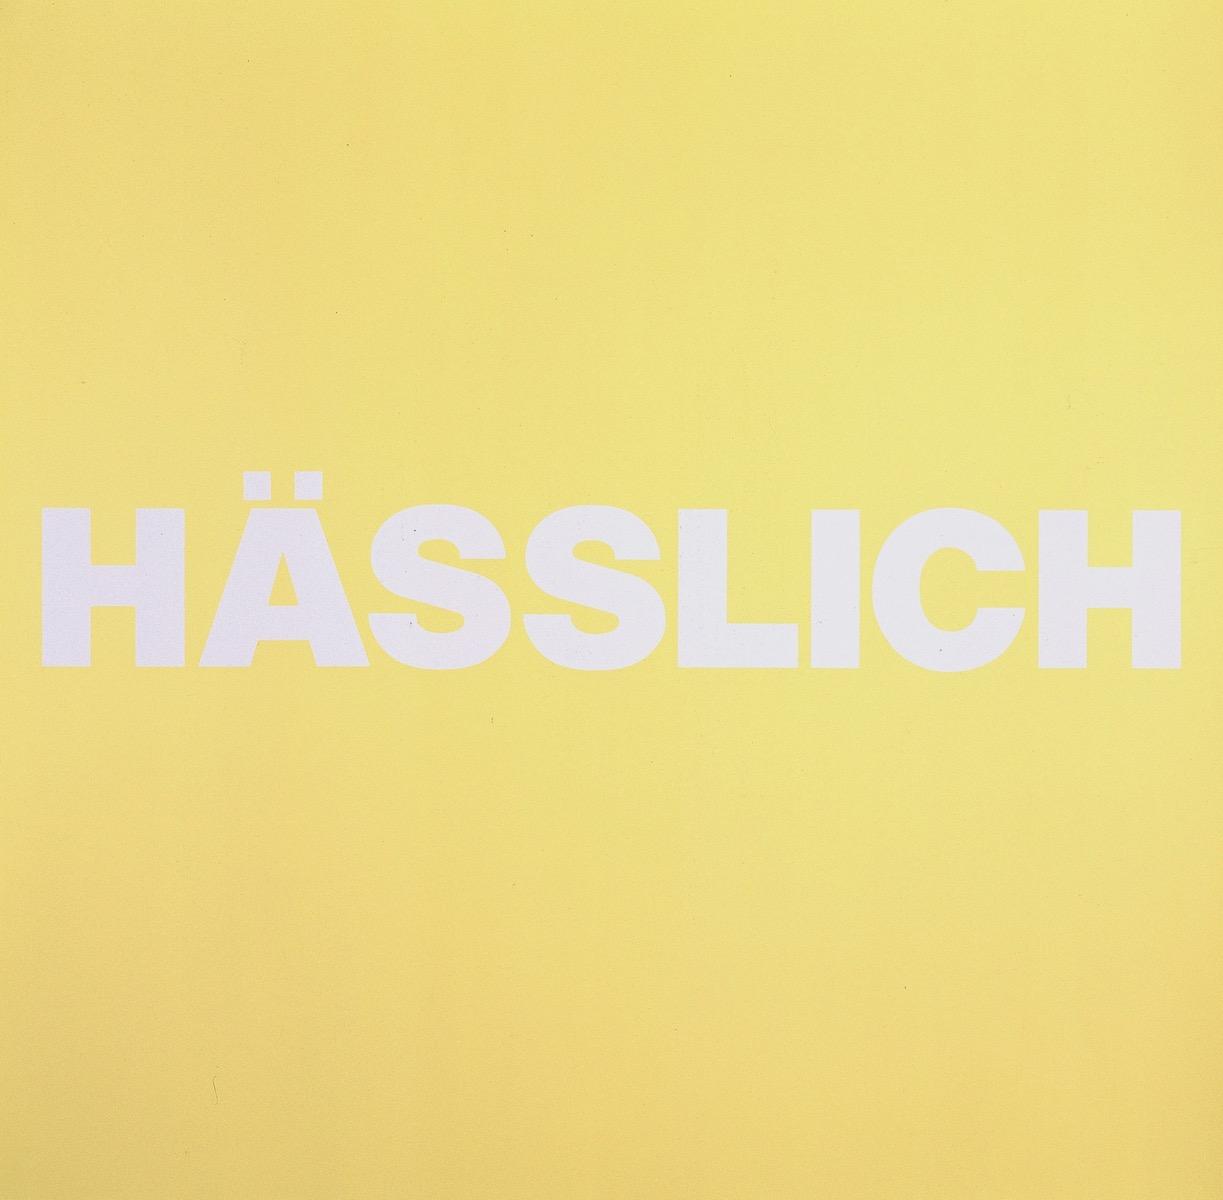 HÄSSLICH, GELB | Affirmation tut gut | Angelika Beuler | 1992